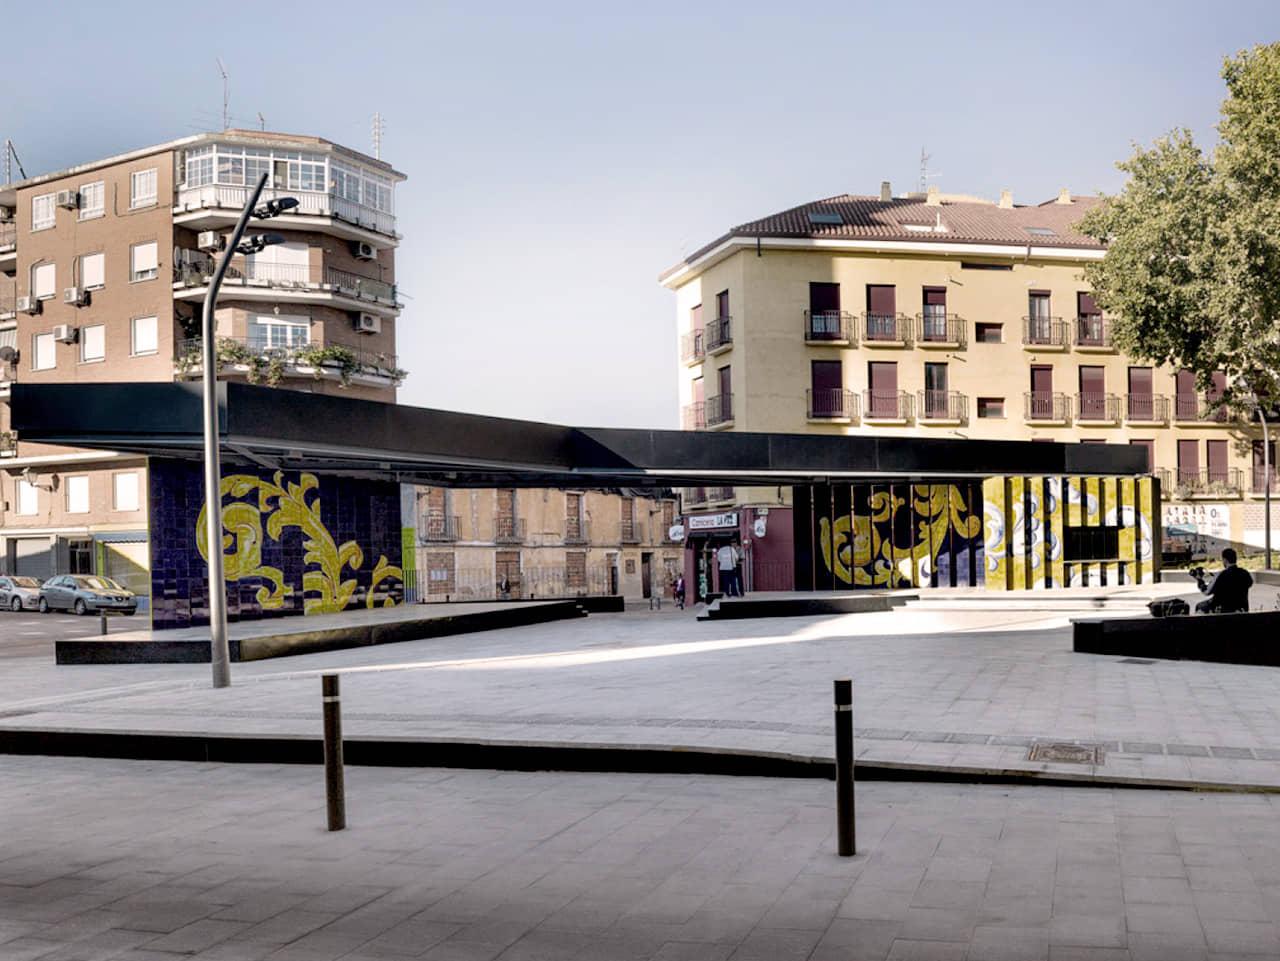 alt=Escenario de la Plaza el salvador